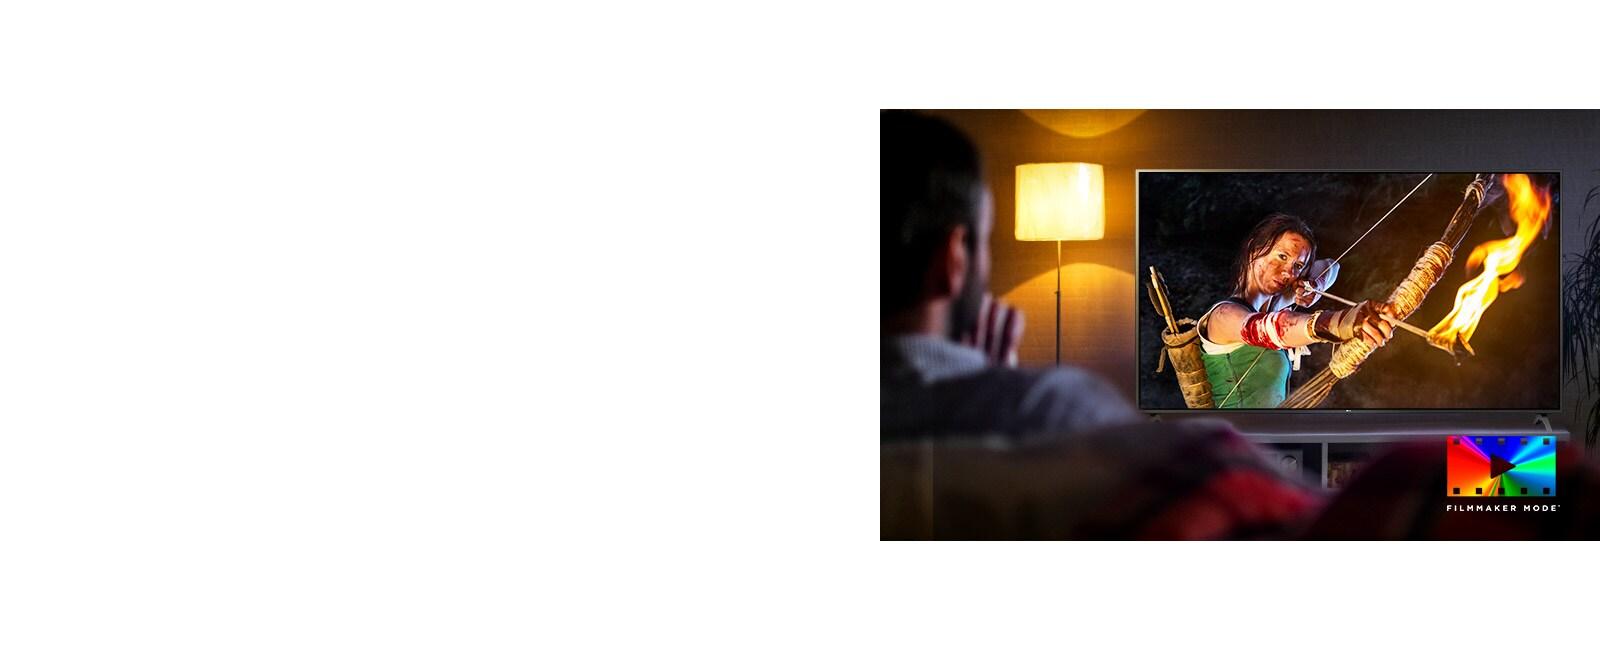 Мъж седи на диван и гледа екшън филм. Момичето на телевизионния екран е с напълно обтегнат лък и стрела.